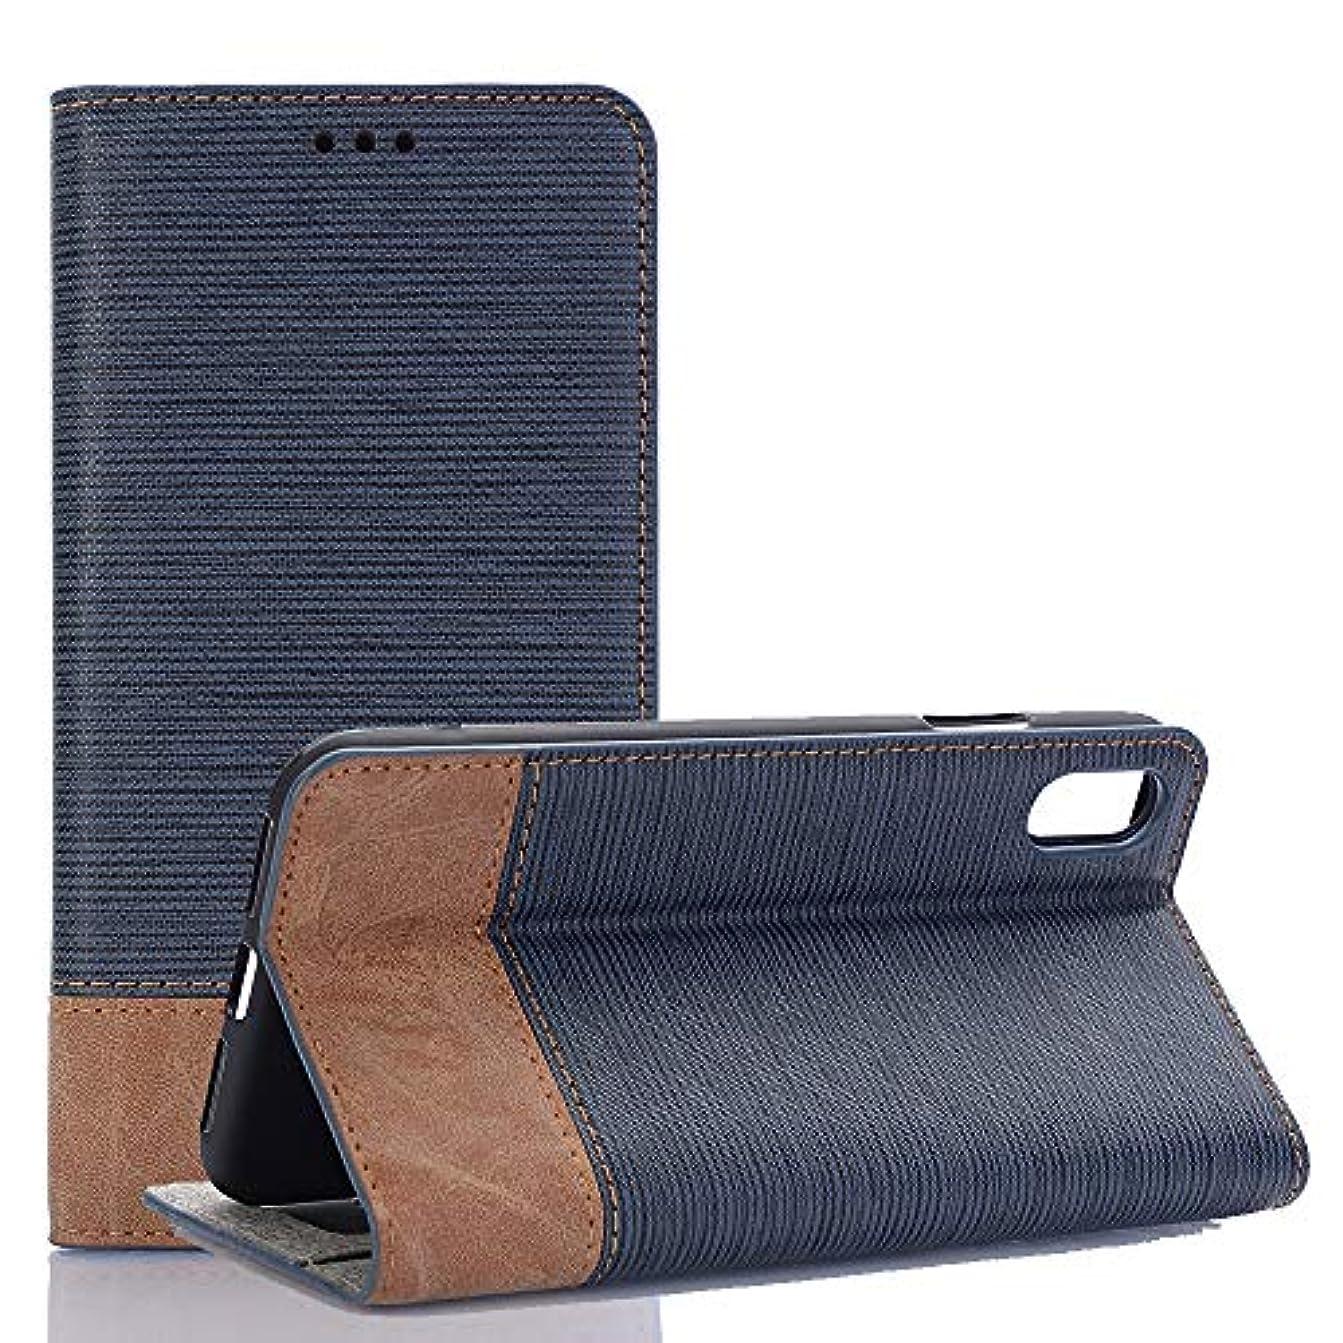 影響力のある正当なオークションGalaxy S9 ケース、INorton 本革ケース 全面保護 衝撃吸収 スタンド機能 カード収納 手帳型 スマートケース Galaxy S9対応